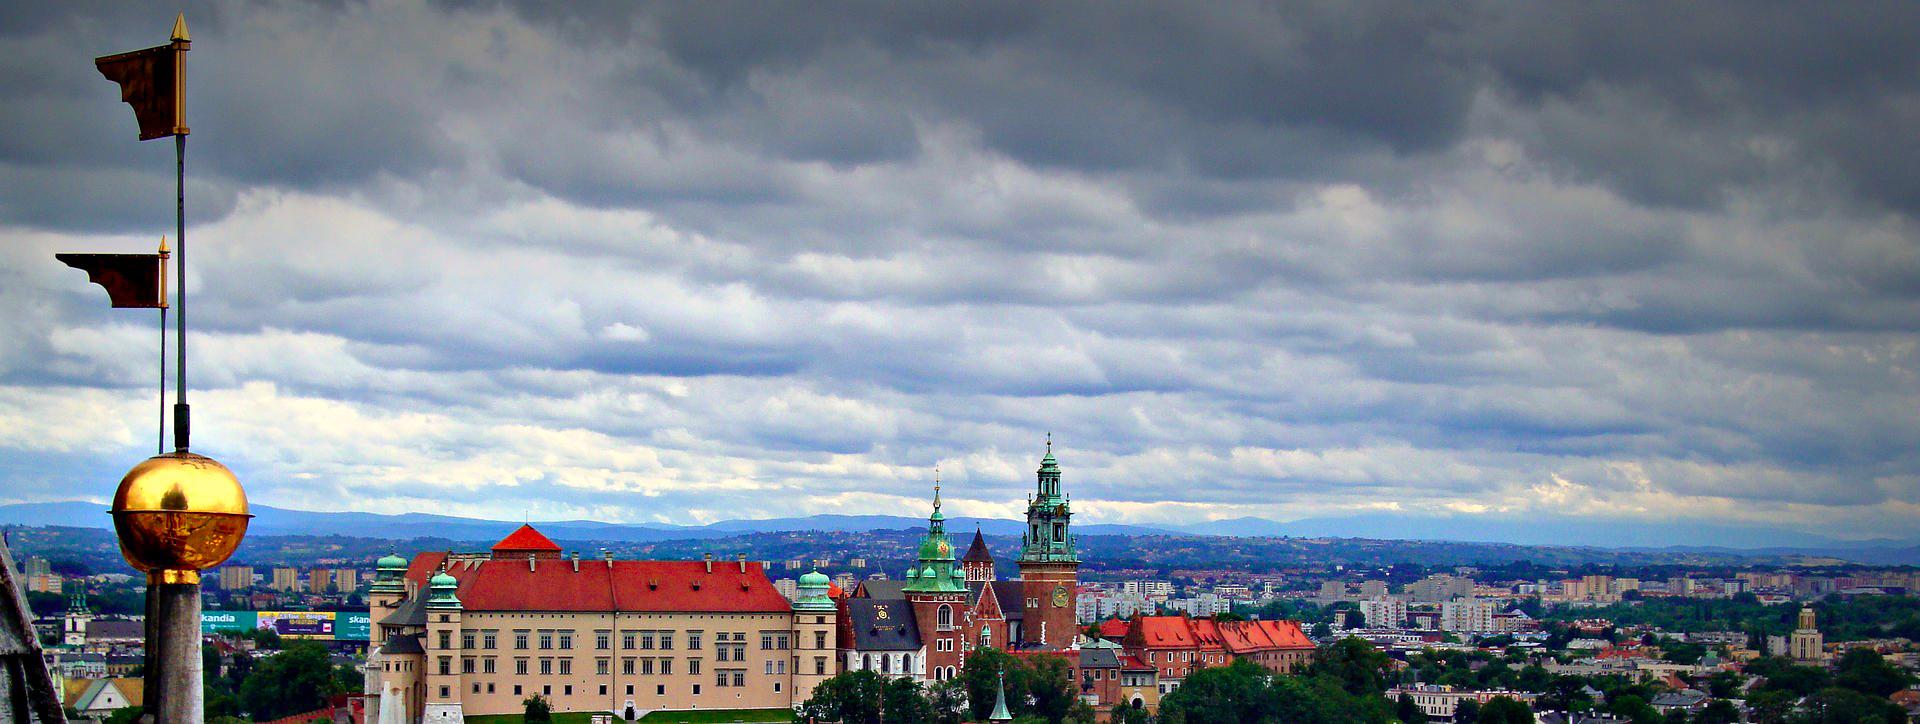 Qué ver en Cracovia, Krakow, Polonia, Poland qué ver en cracovia - 38652461220 bc6083cb18 o - Qué ver en Cracovia, Polonia